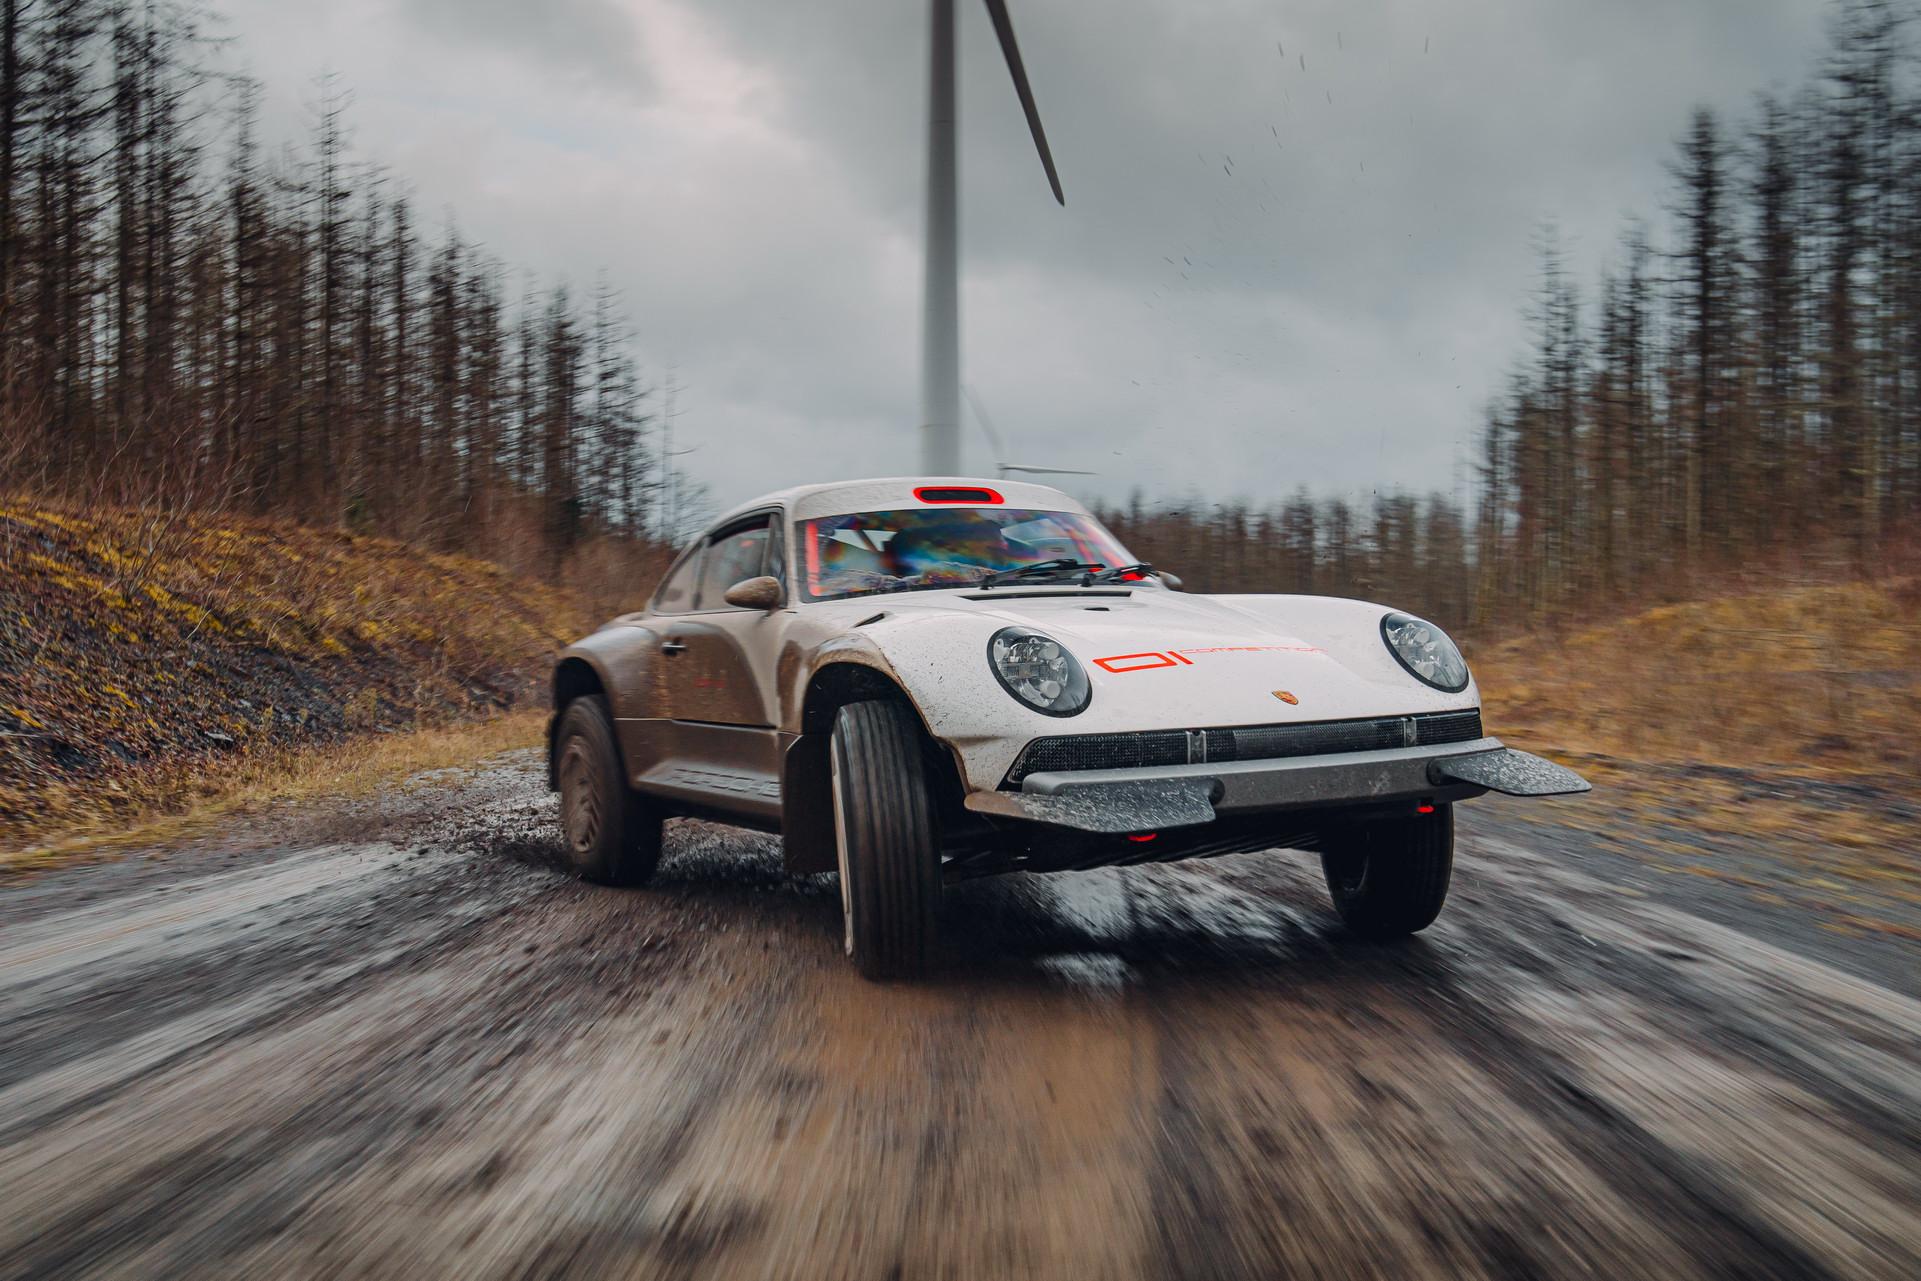 Singer ACS je krásne upravené klasické Porsche